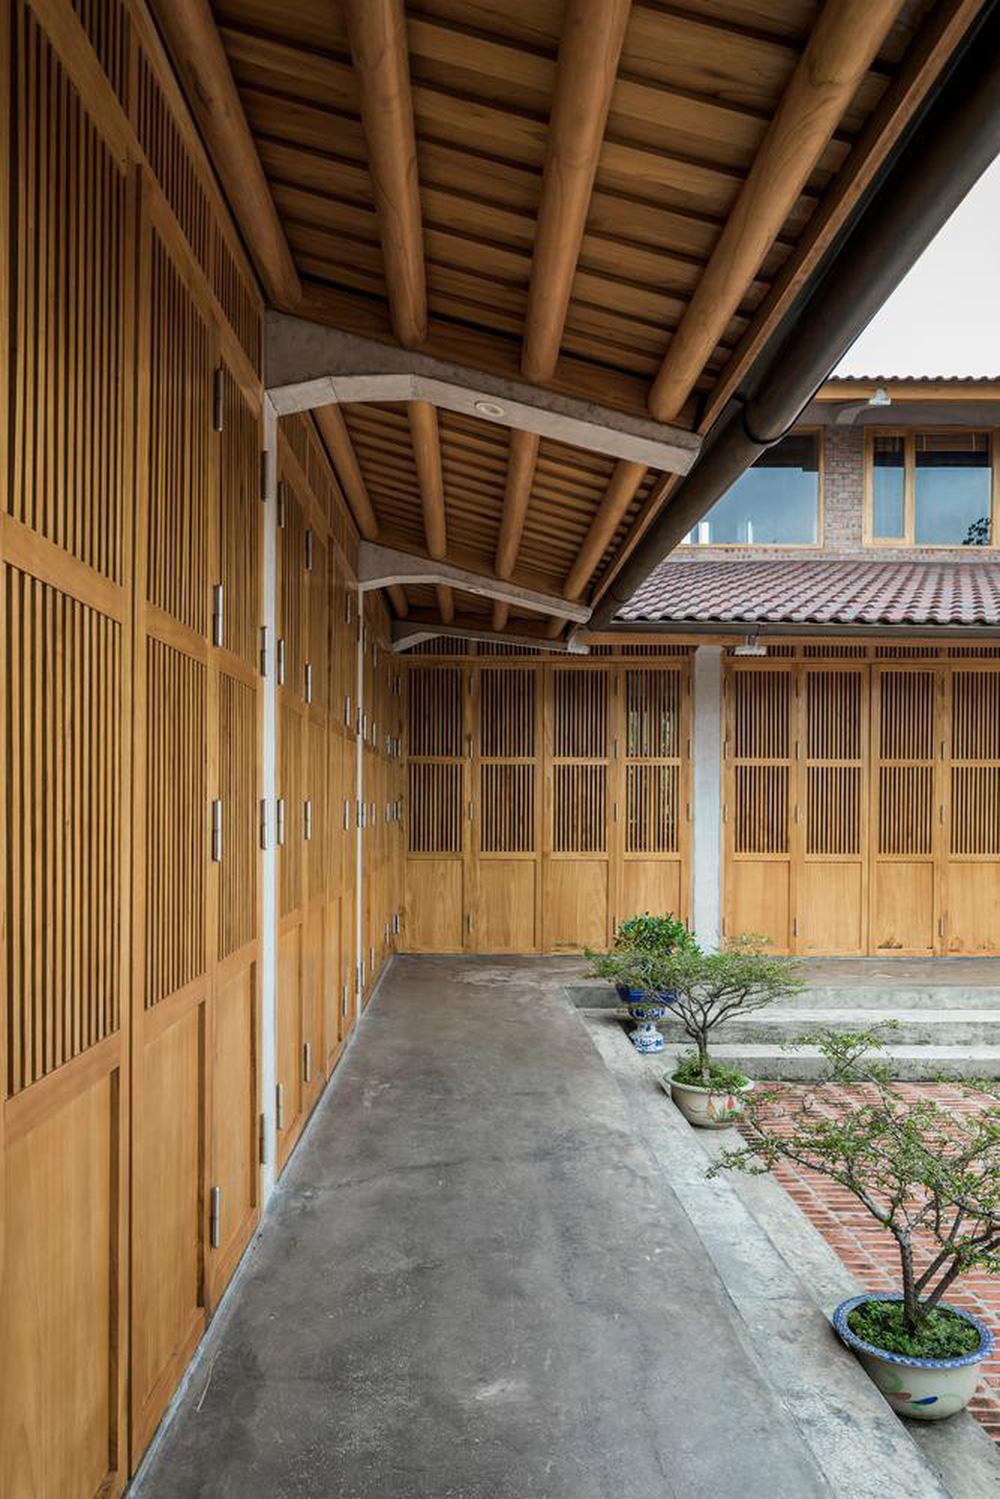 Mê mẩn với nhà gạch gỗ xoan nhiều cửa ở Phú Thọ - Ảnh 6.